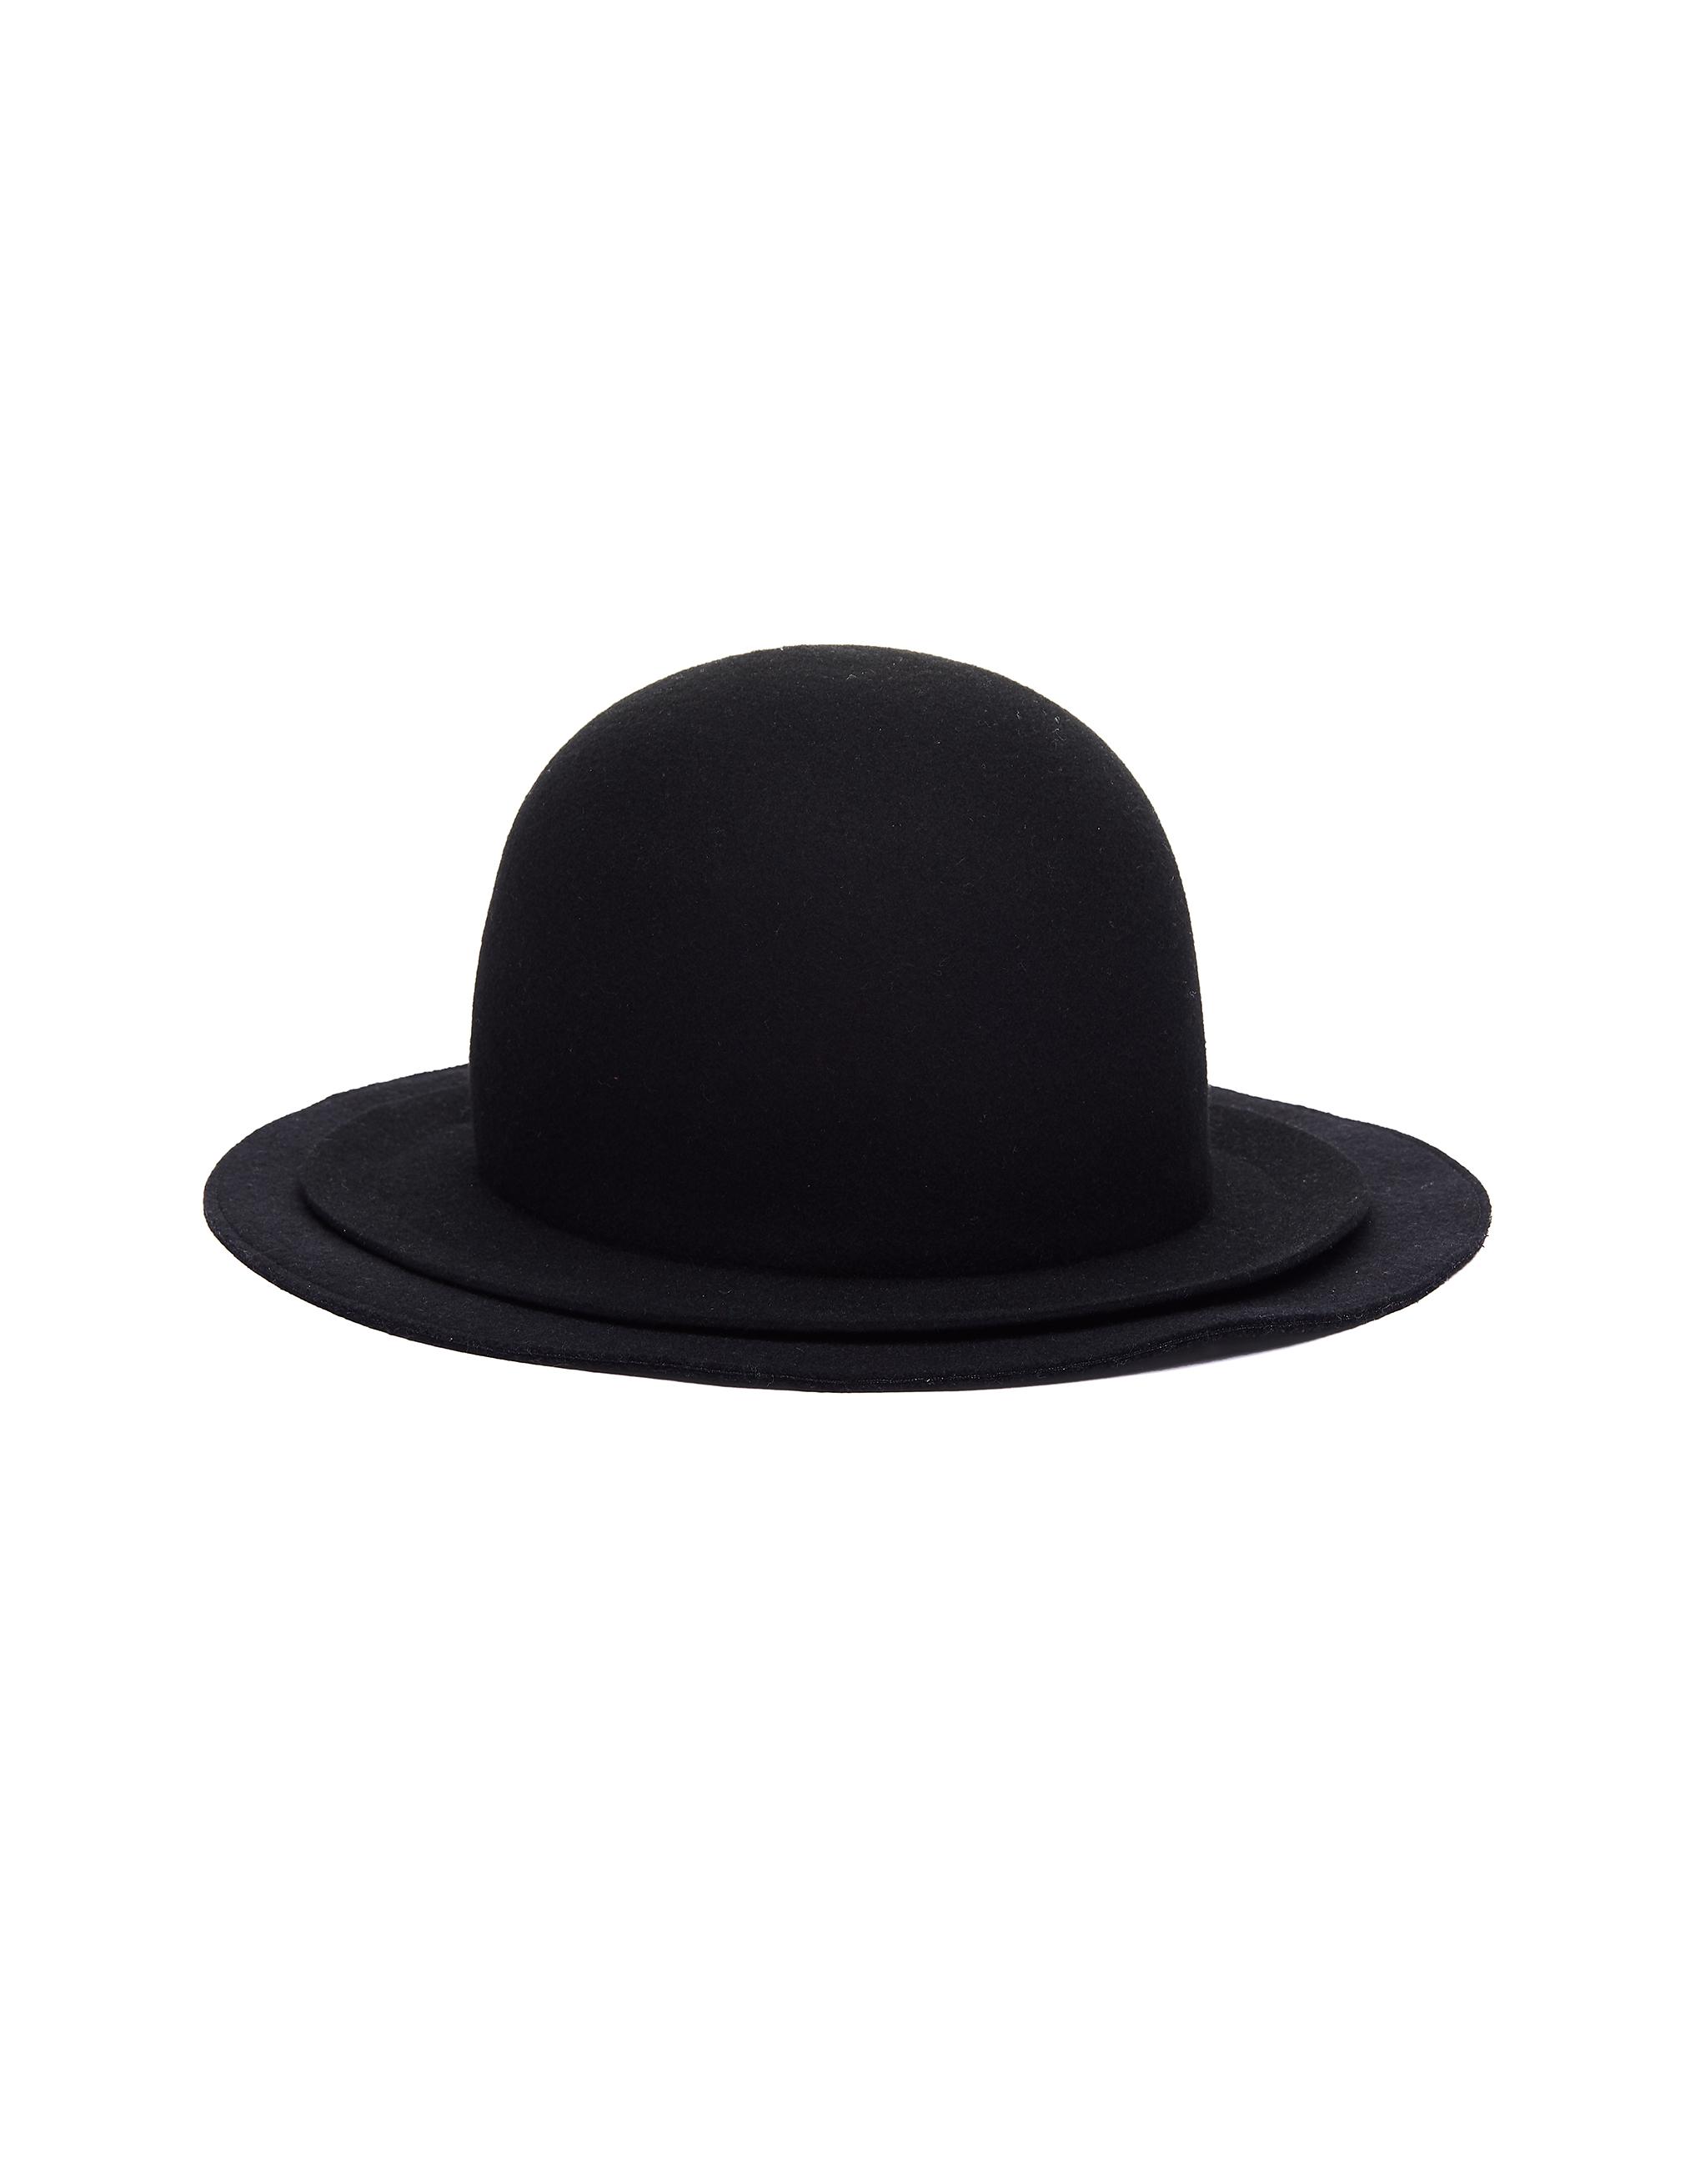 YOHJI YAMAMOTO | Черная шляпа из шерсти с двойными полями | Clouty